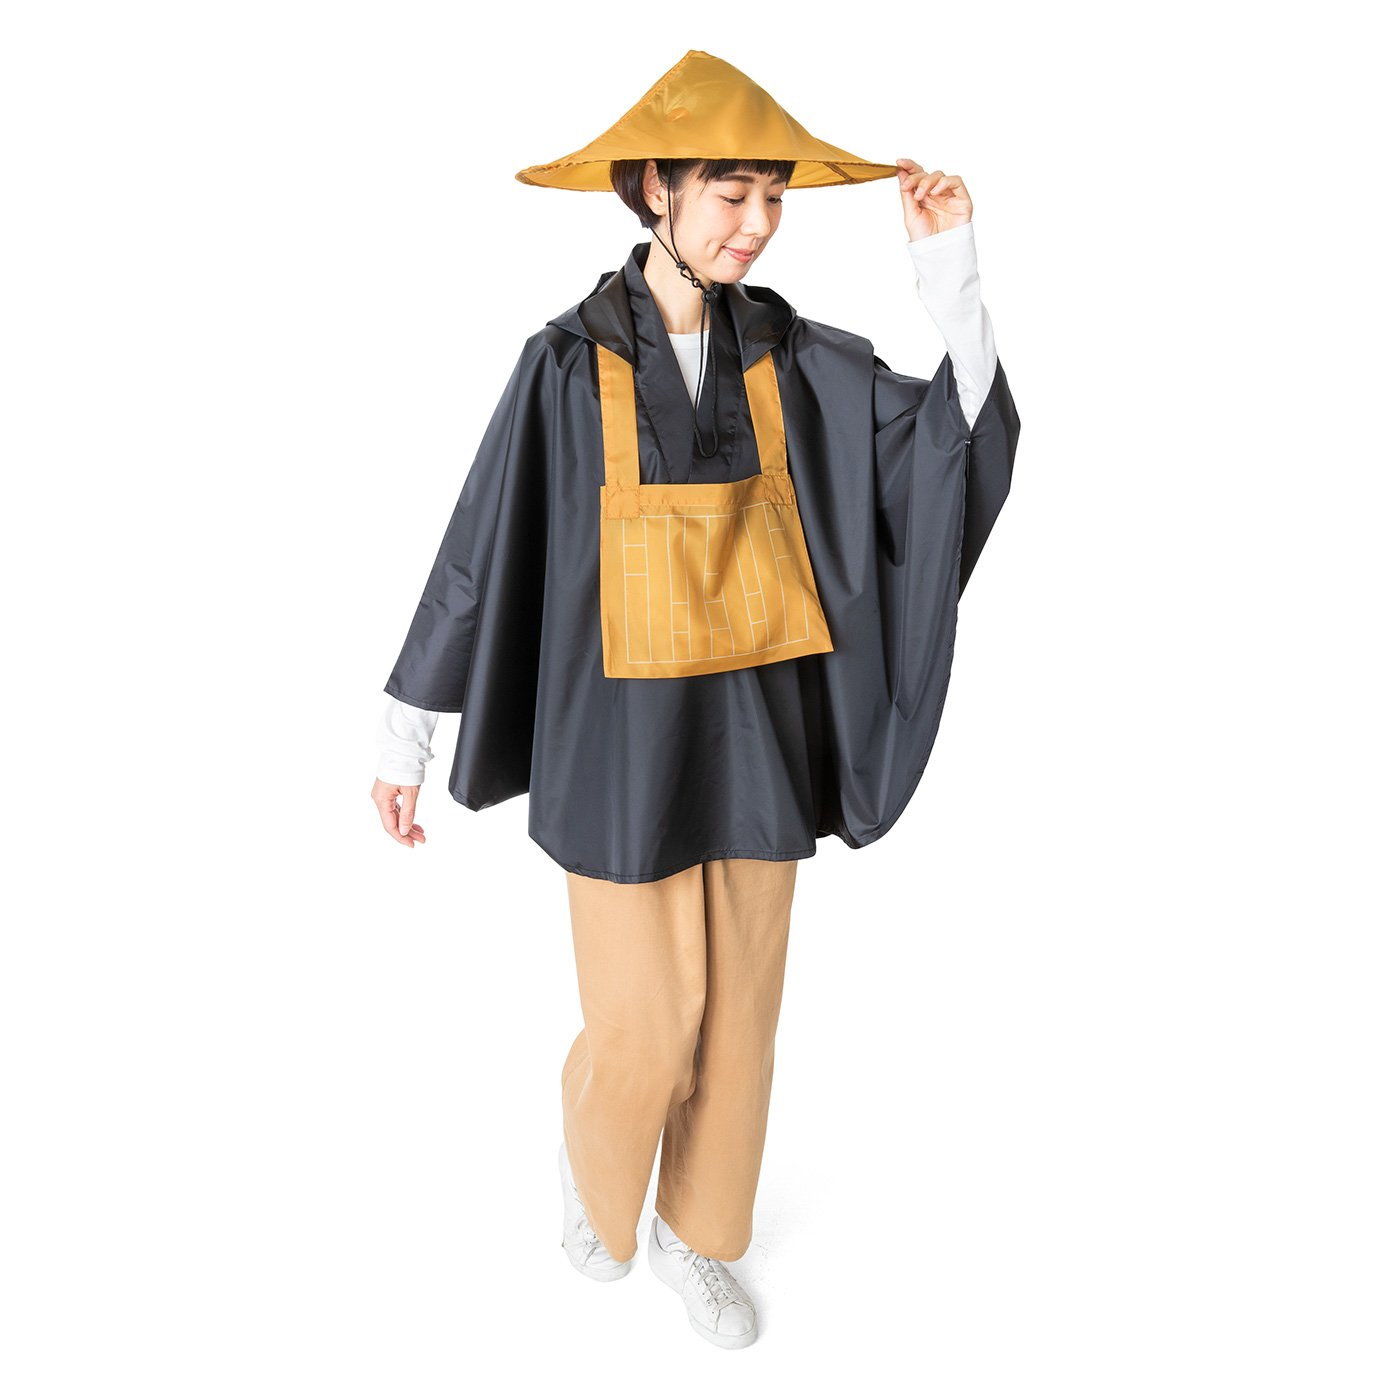 なりきり僧侶スタイル 僧衣レインポンチョ